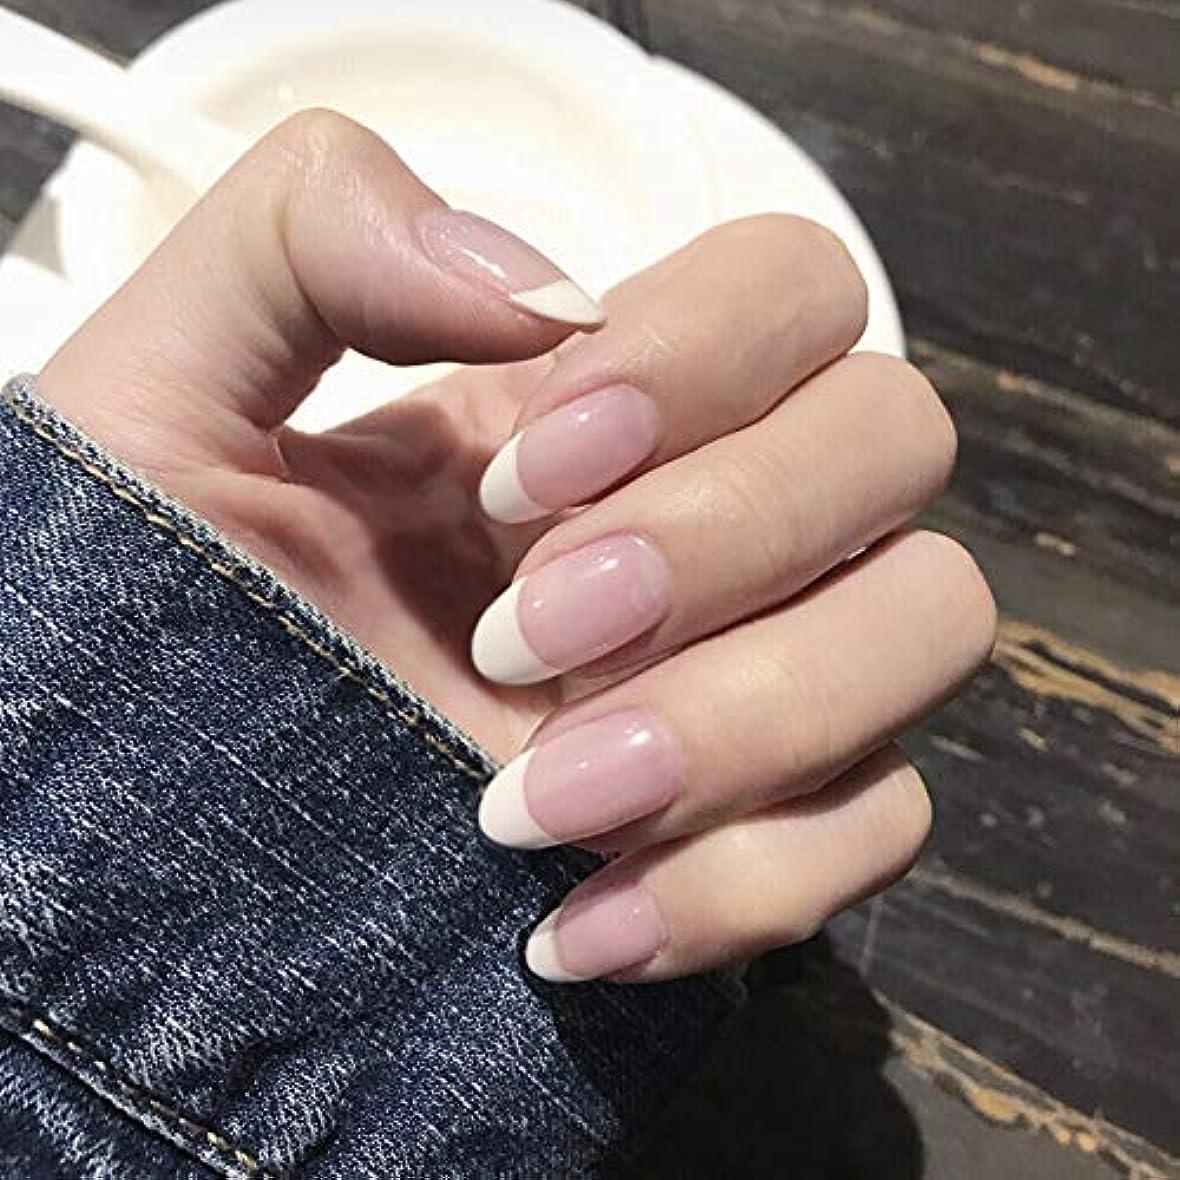 ぐったりダウンタウン言うまでもなくXUTXZKA 24個の偽の爪楕円形の長いフルカバーホワイト偽爪人工ネイルステッカー